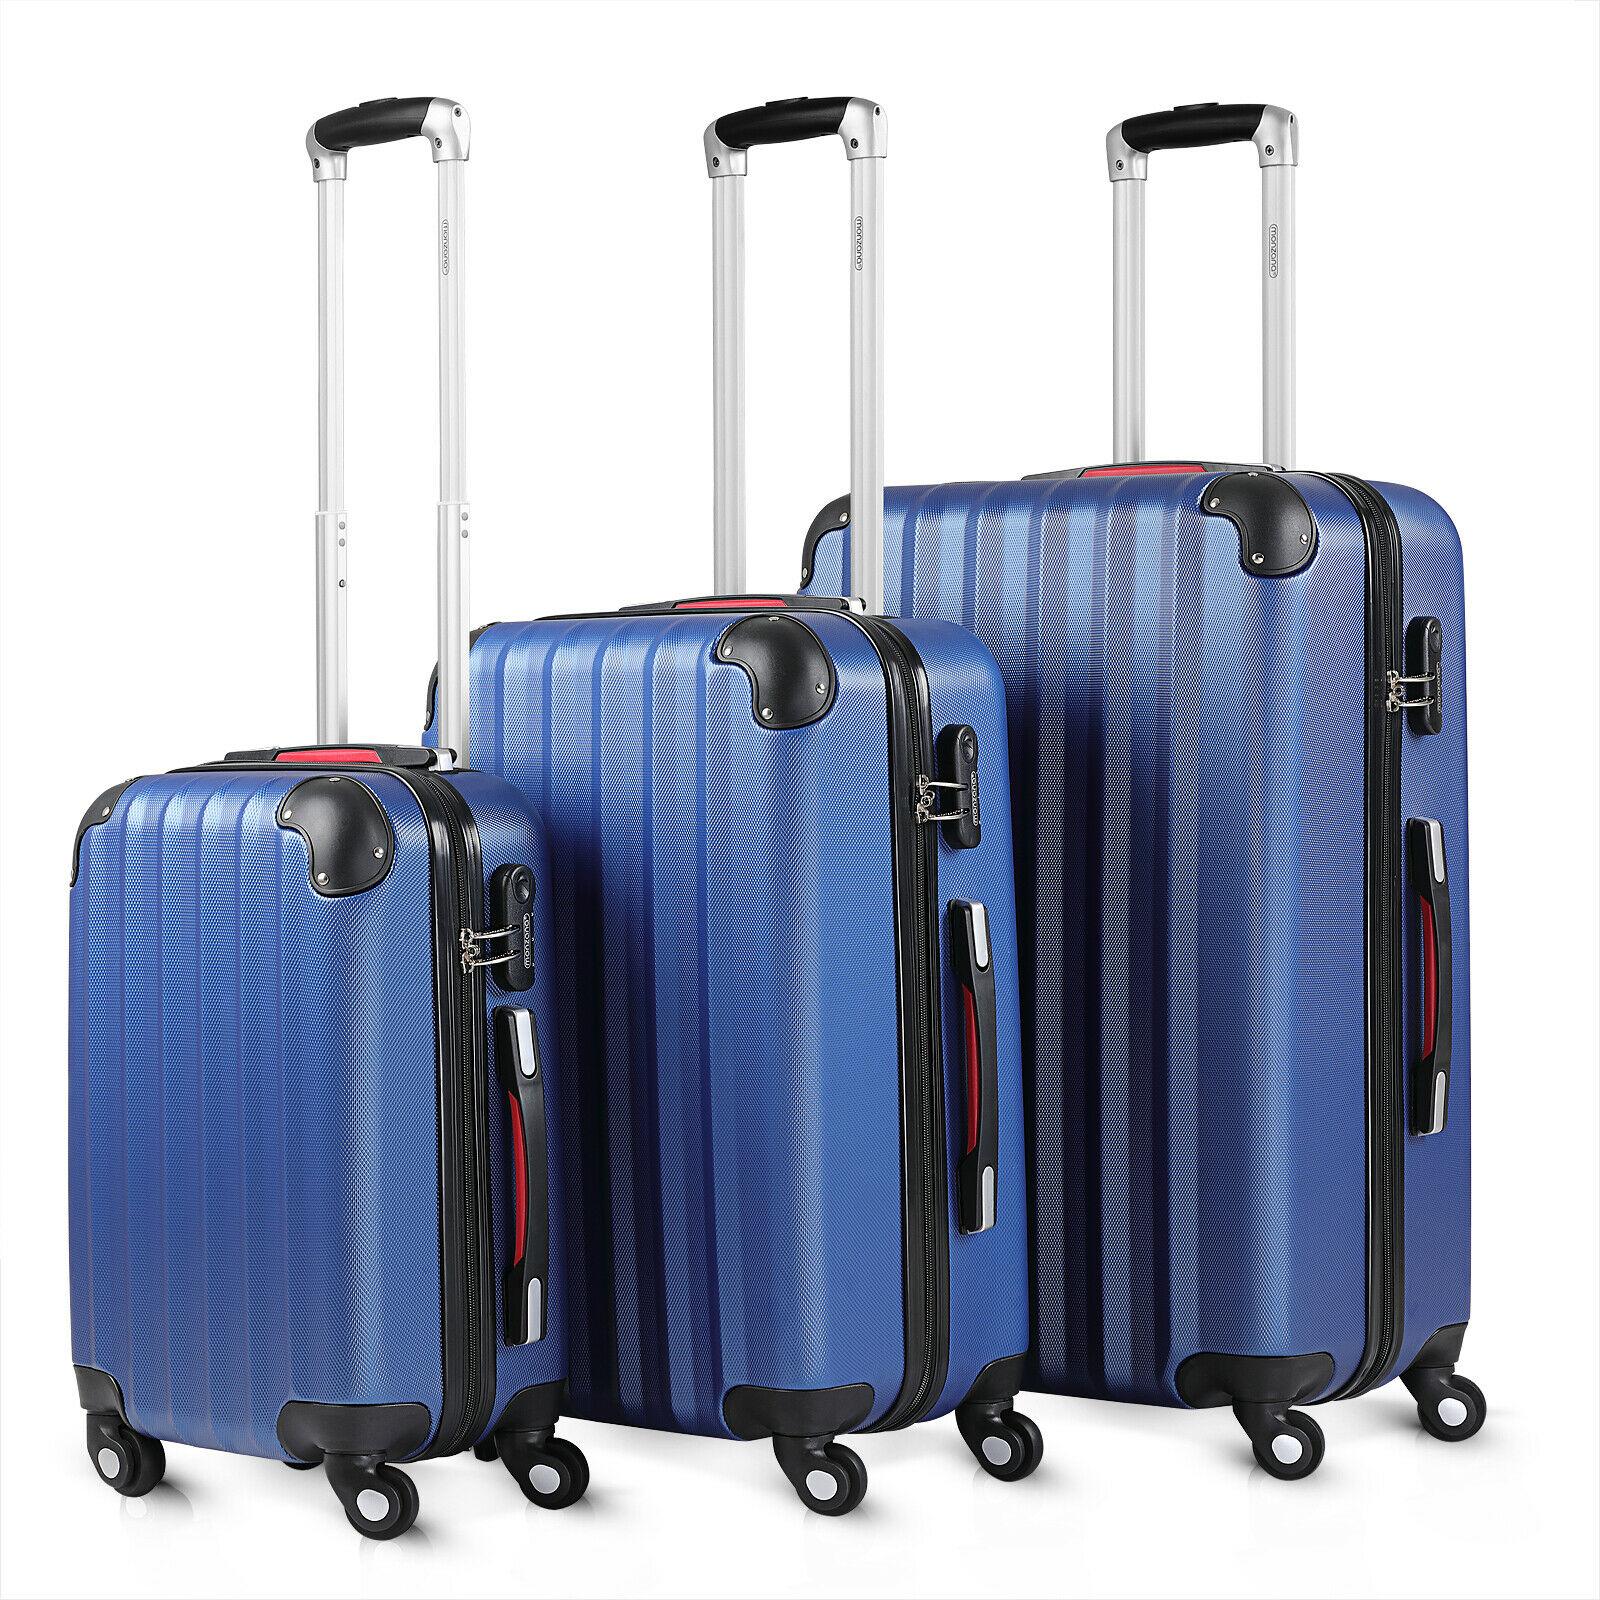 Bild zu 3-teiliges Monzana Kofferset für 58,45€ (Vergleich: 69,95€)